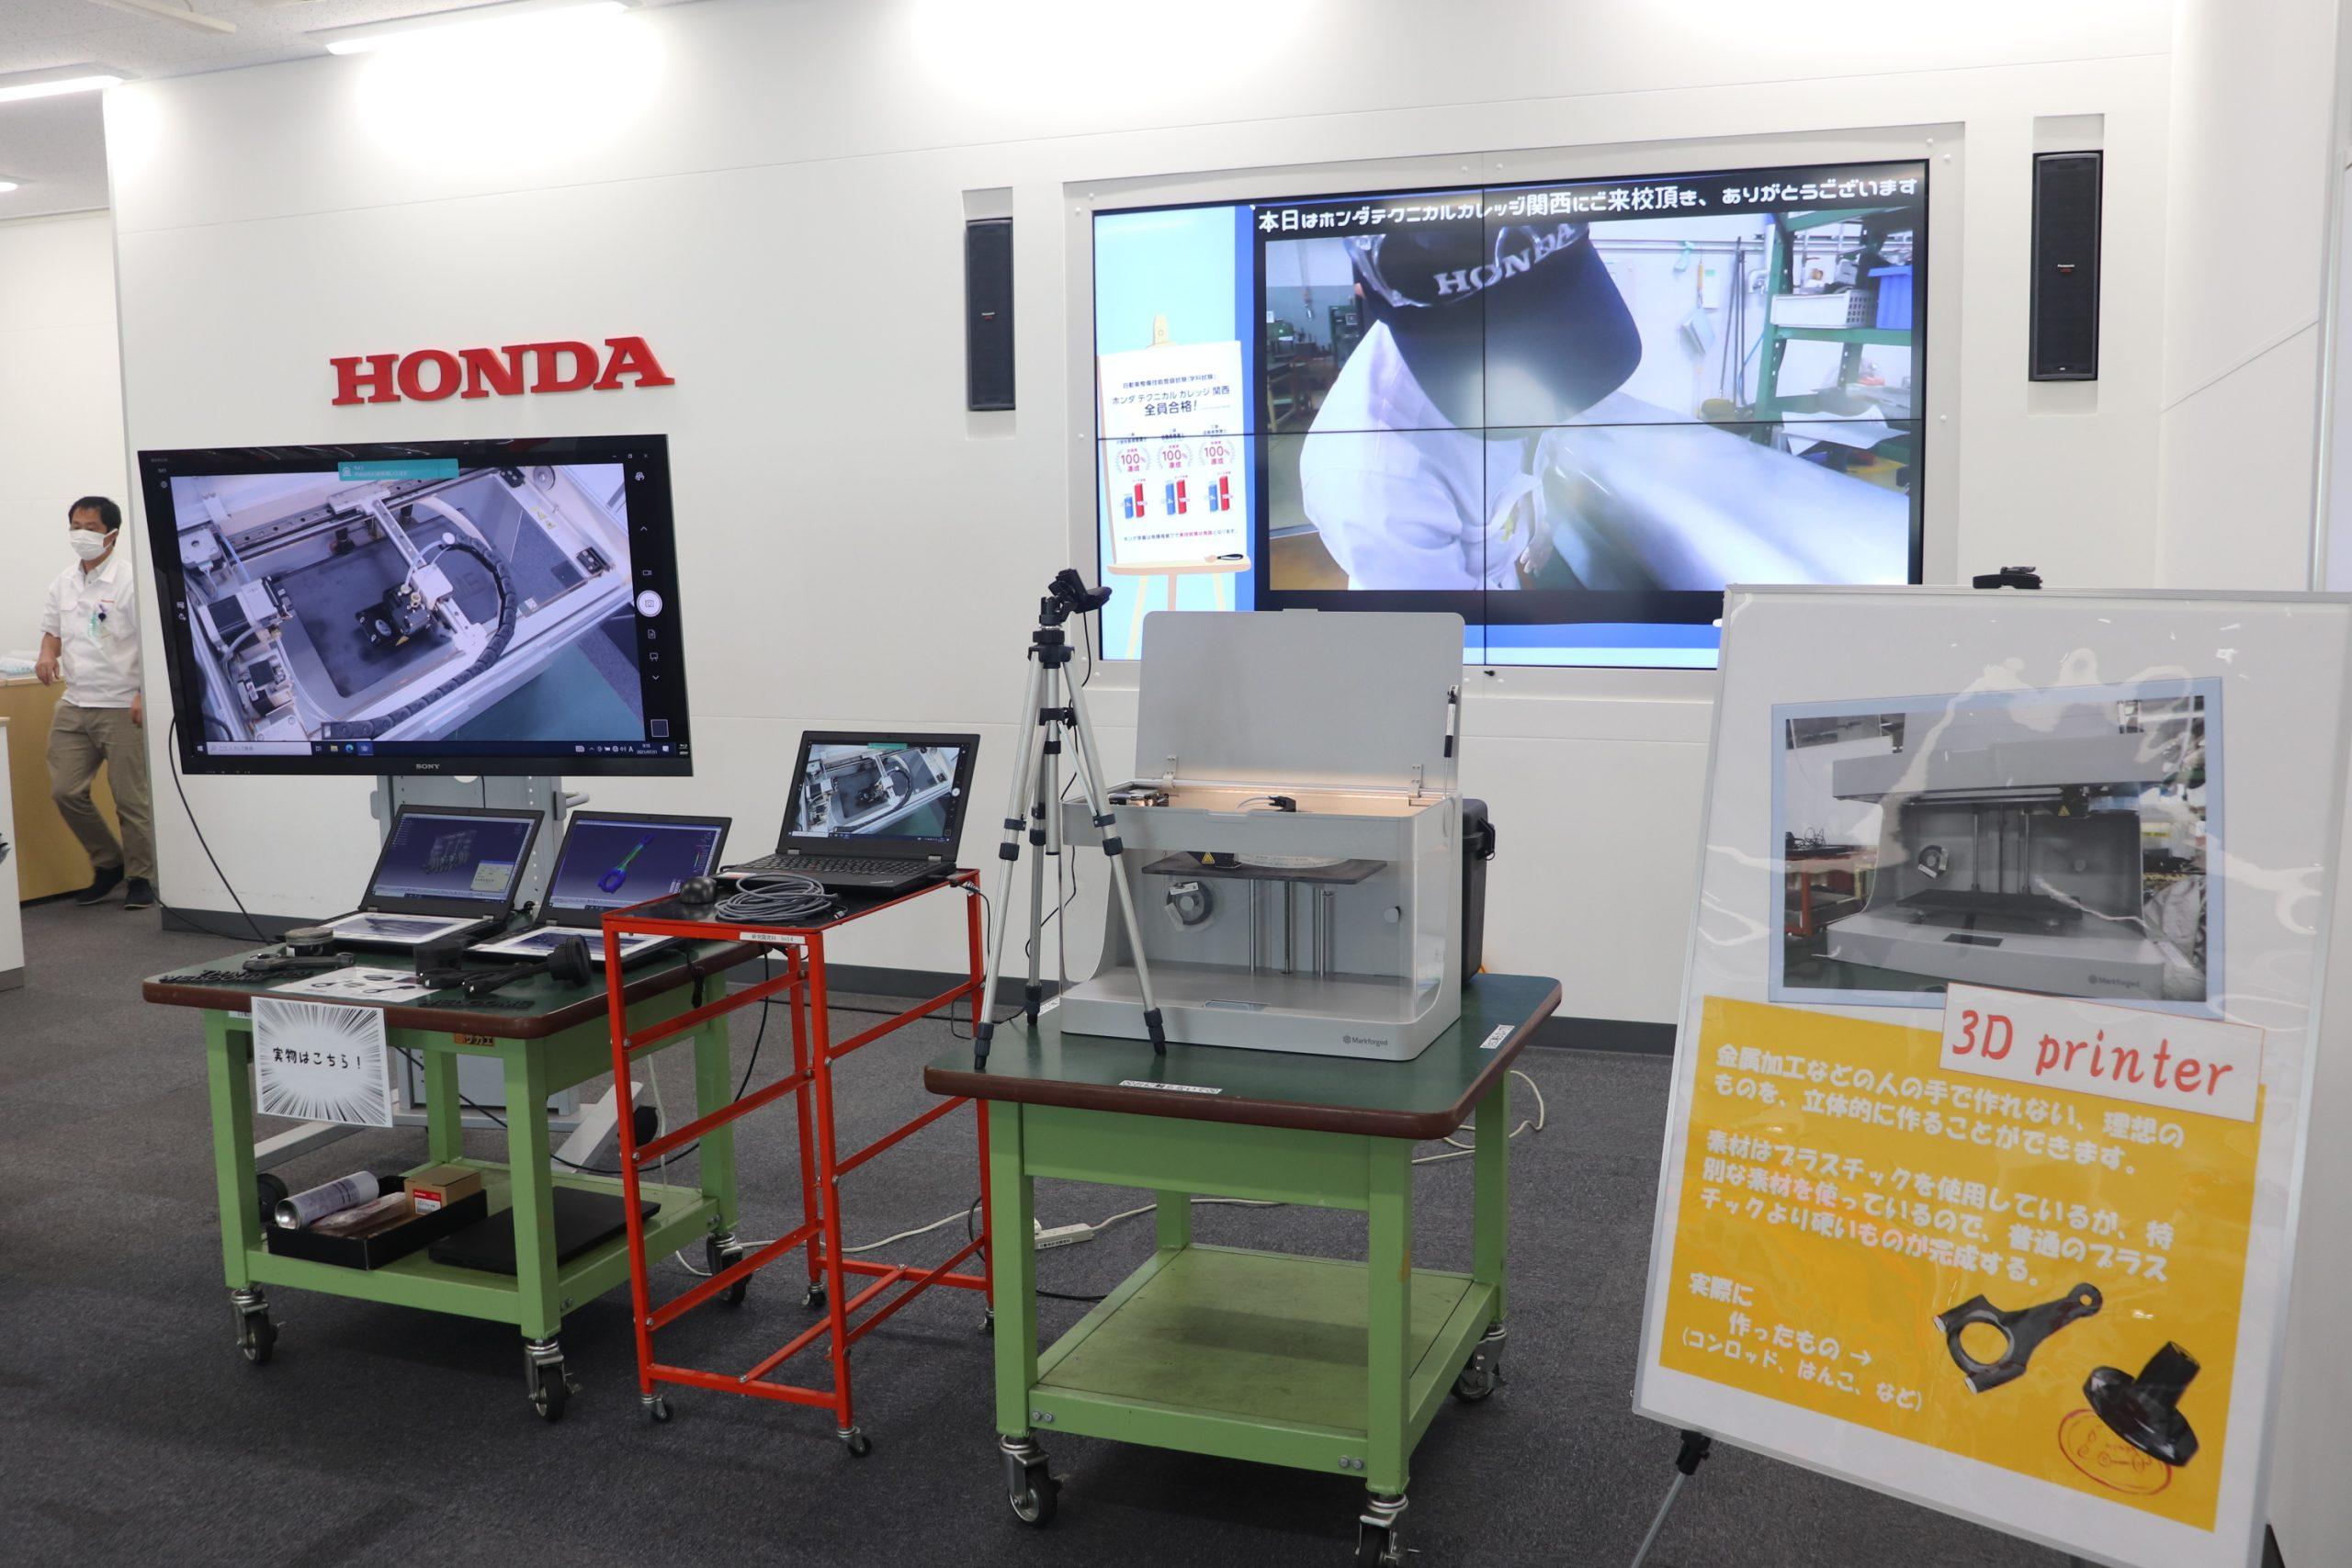 【新規導入】3Dプリンター:自動車研究開発コース